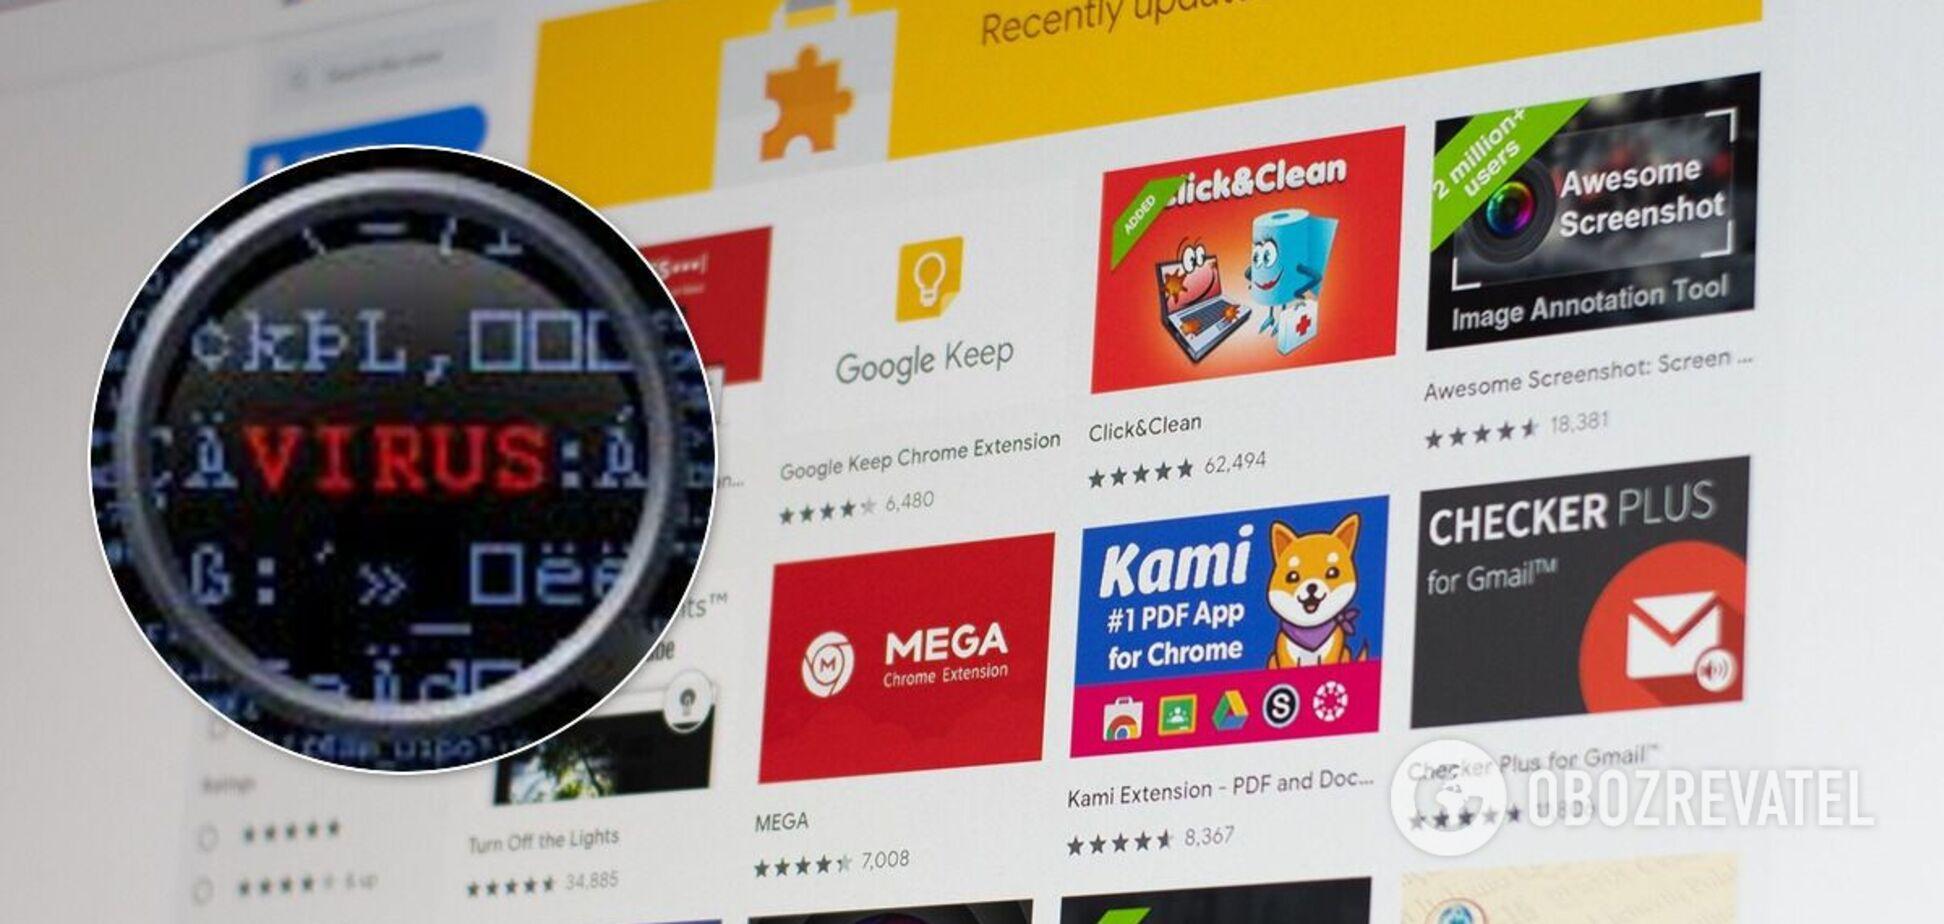 Експерти назвали небезпечні розширення для популярних браузерів